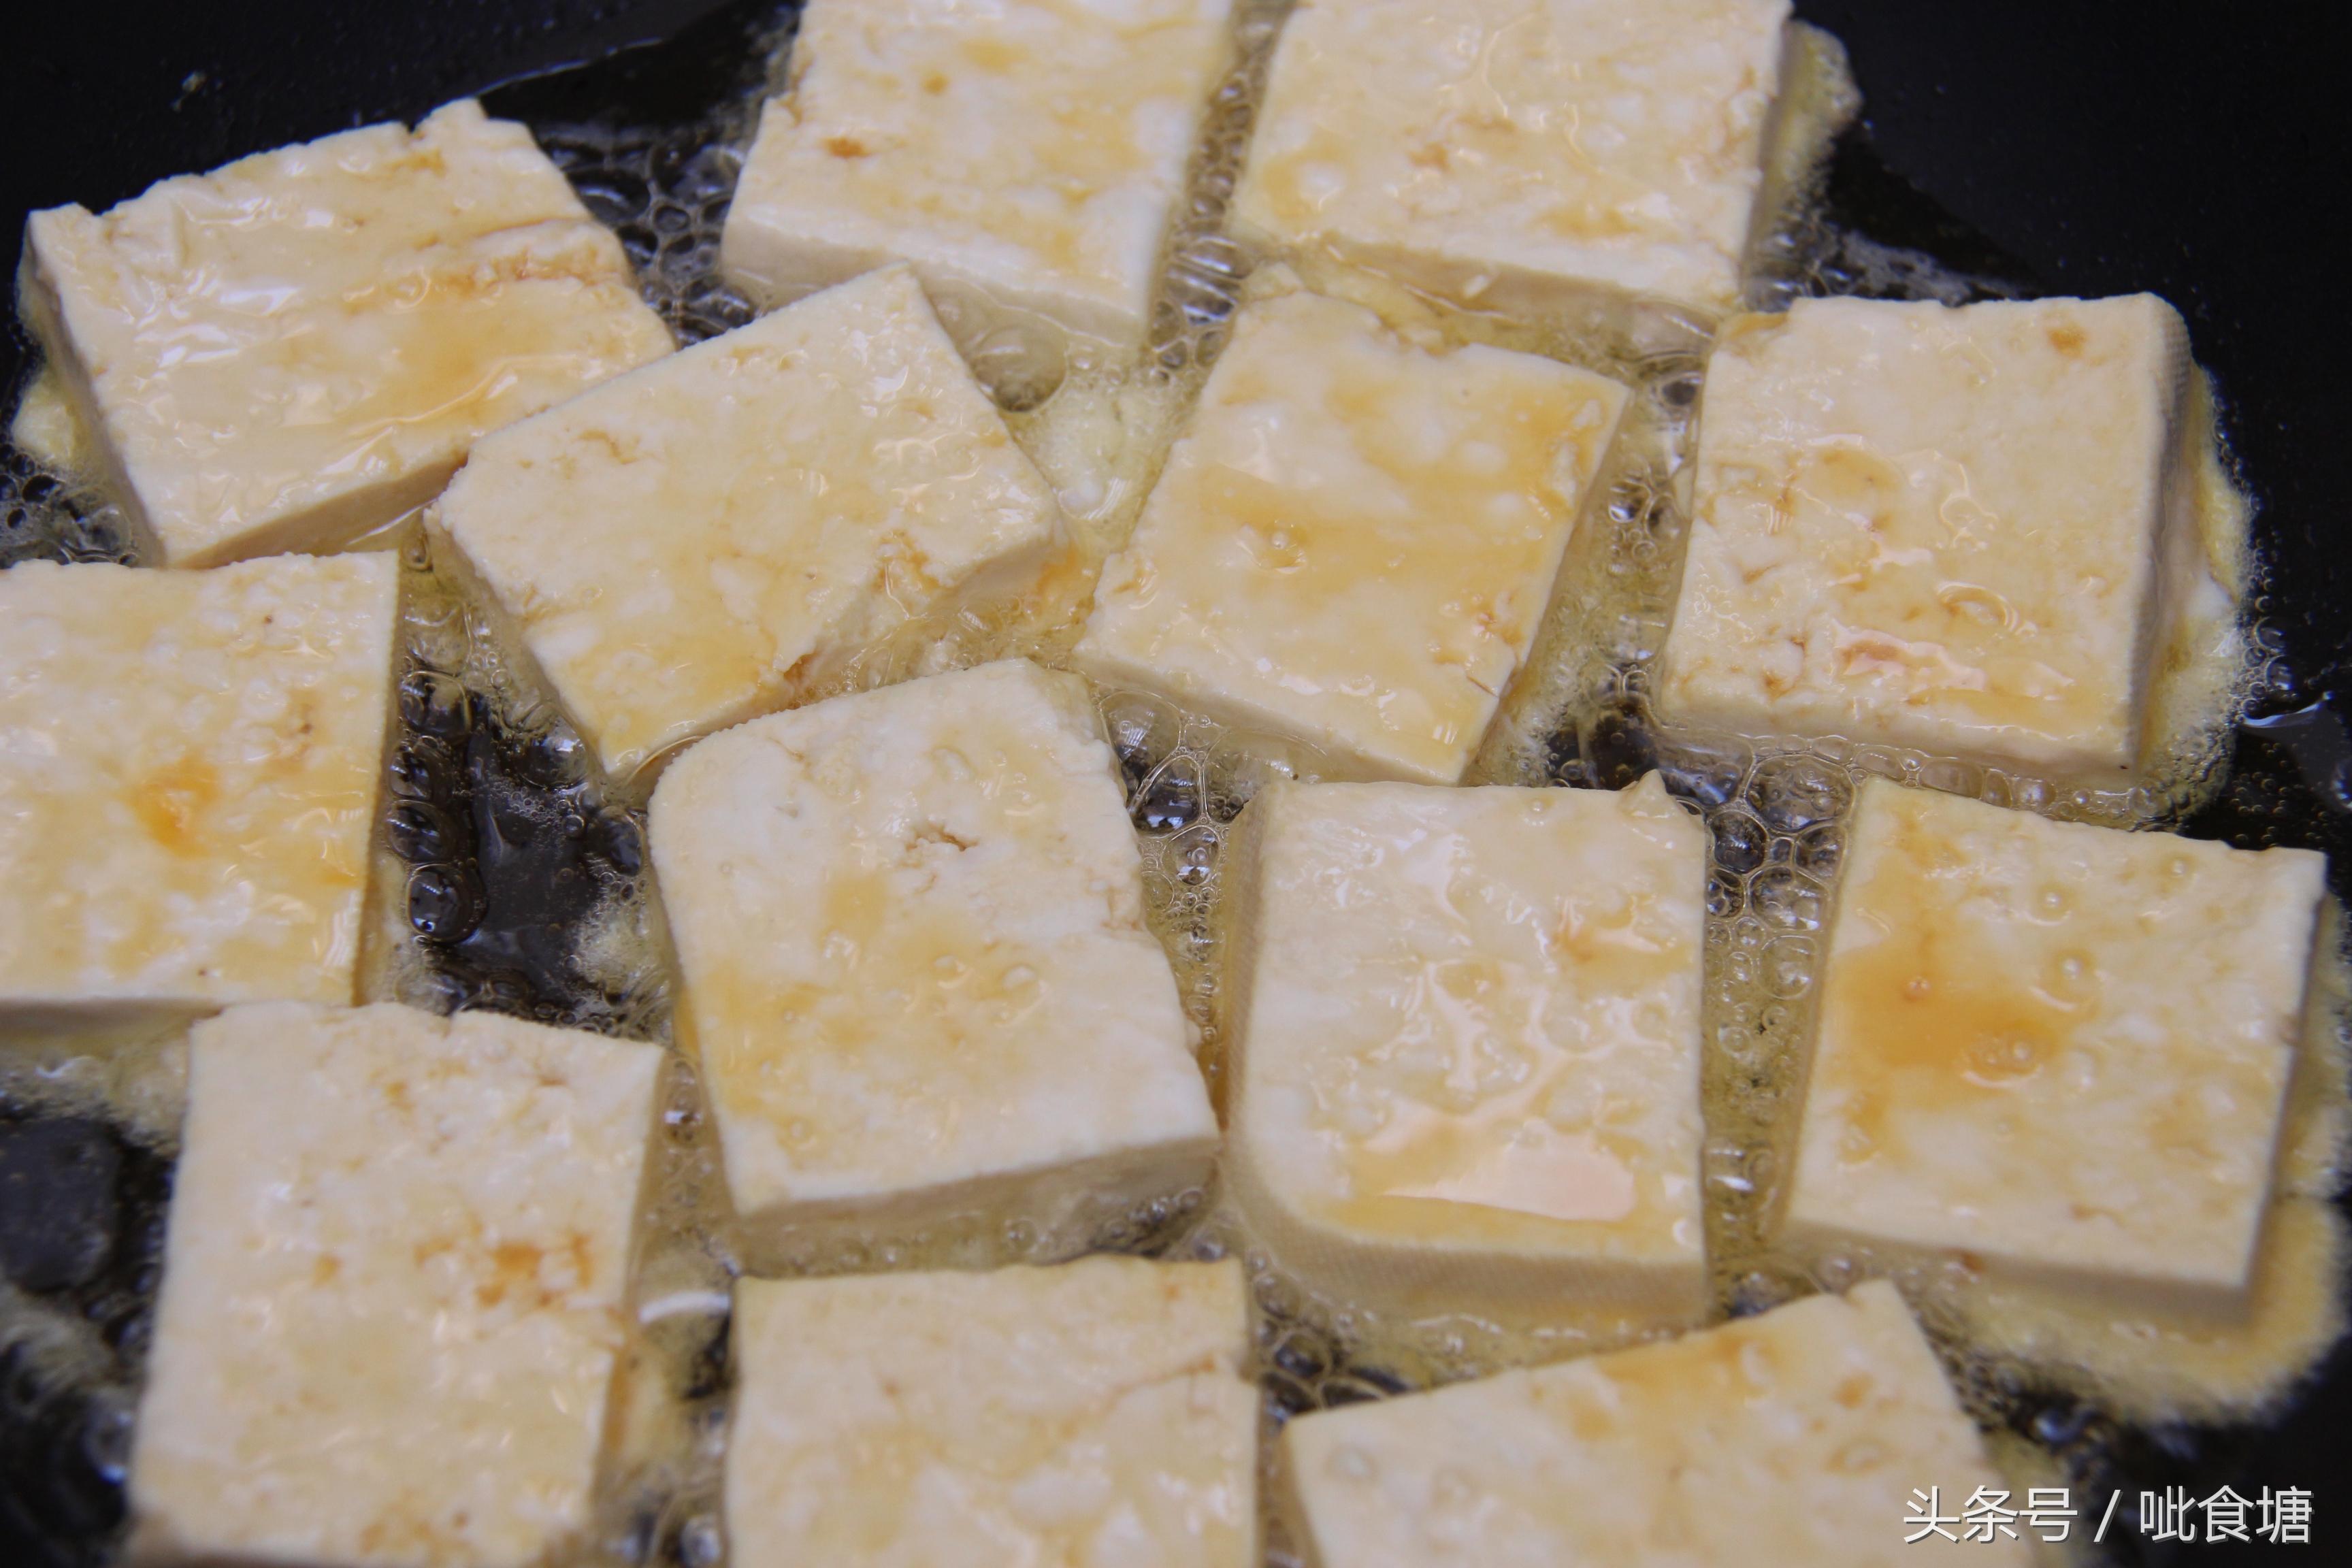 经典鲁菜锅塌豆腐 做法其实很简单 锅塌豆腐 第8张